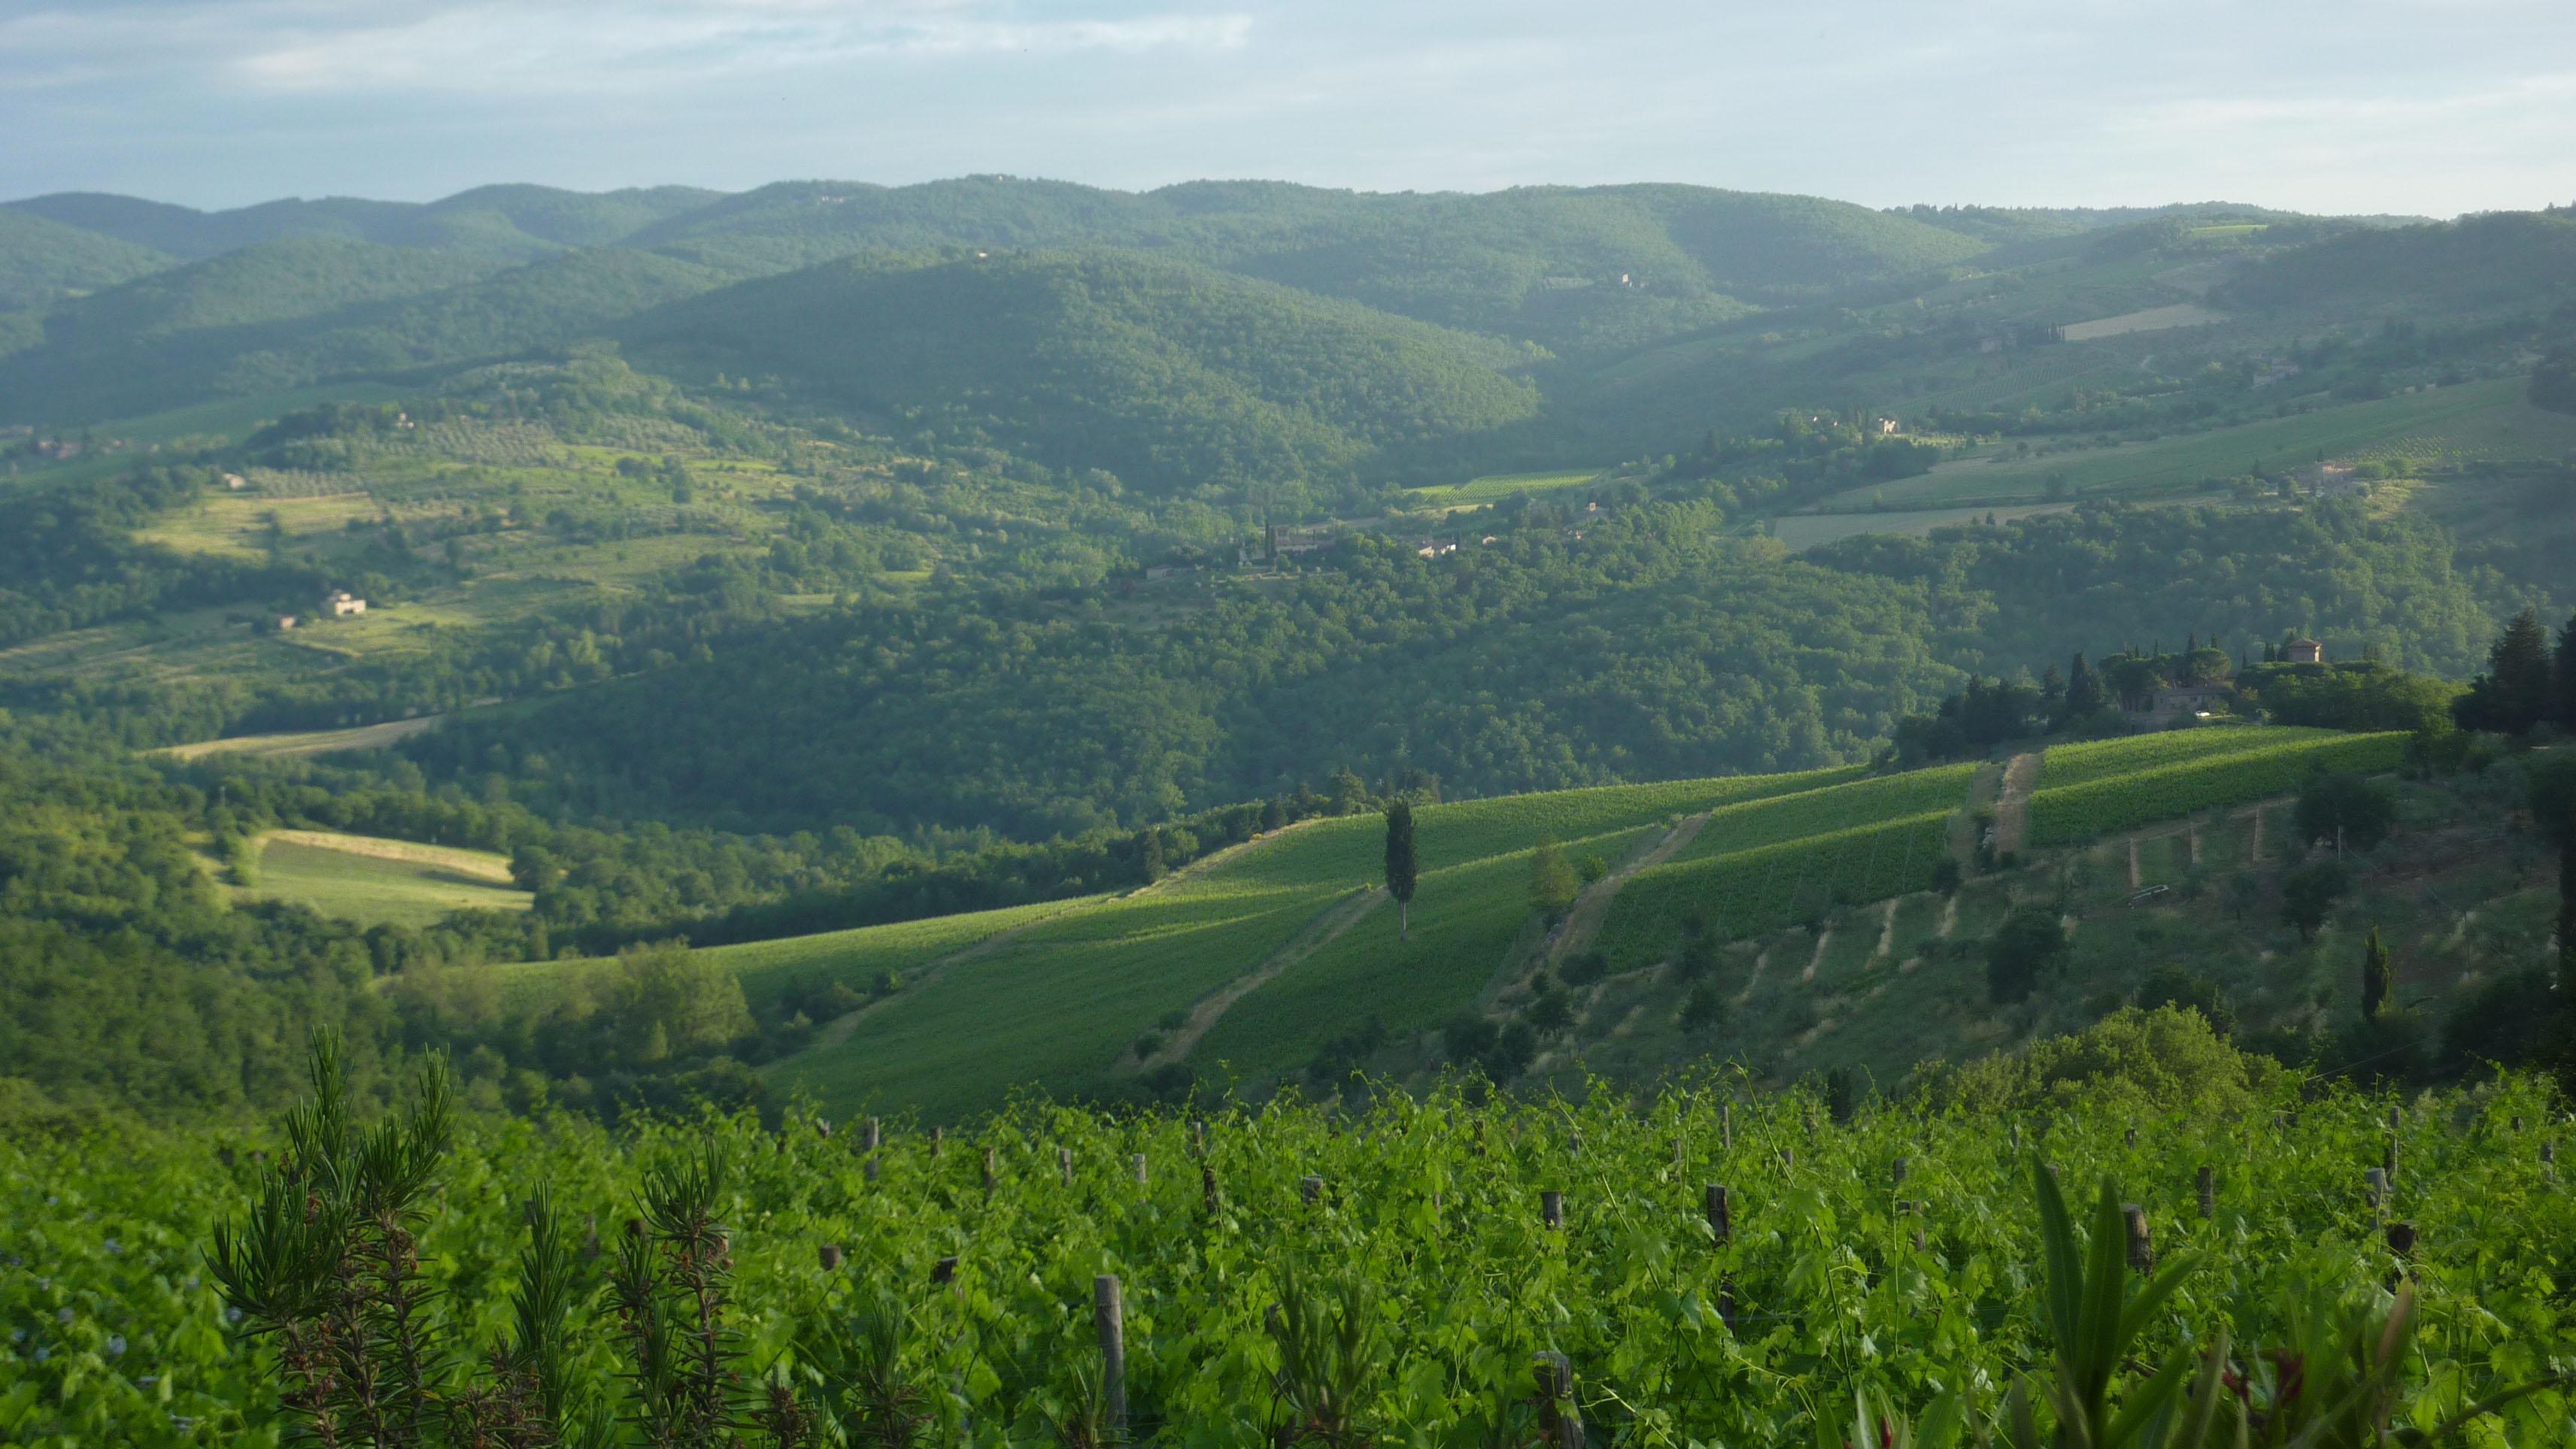 panzano-in-chianti_fototeca-unione-viticoltori-dii-panzano-2